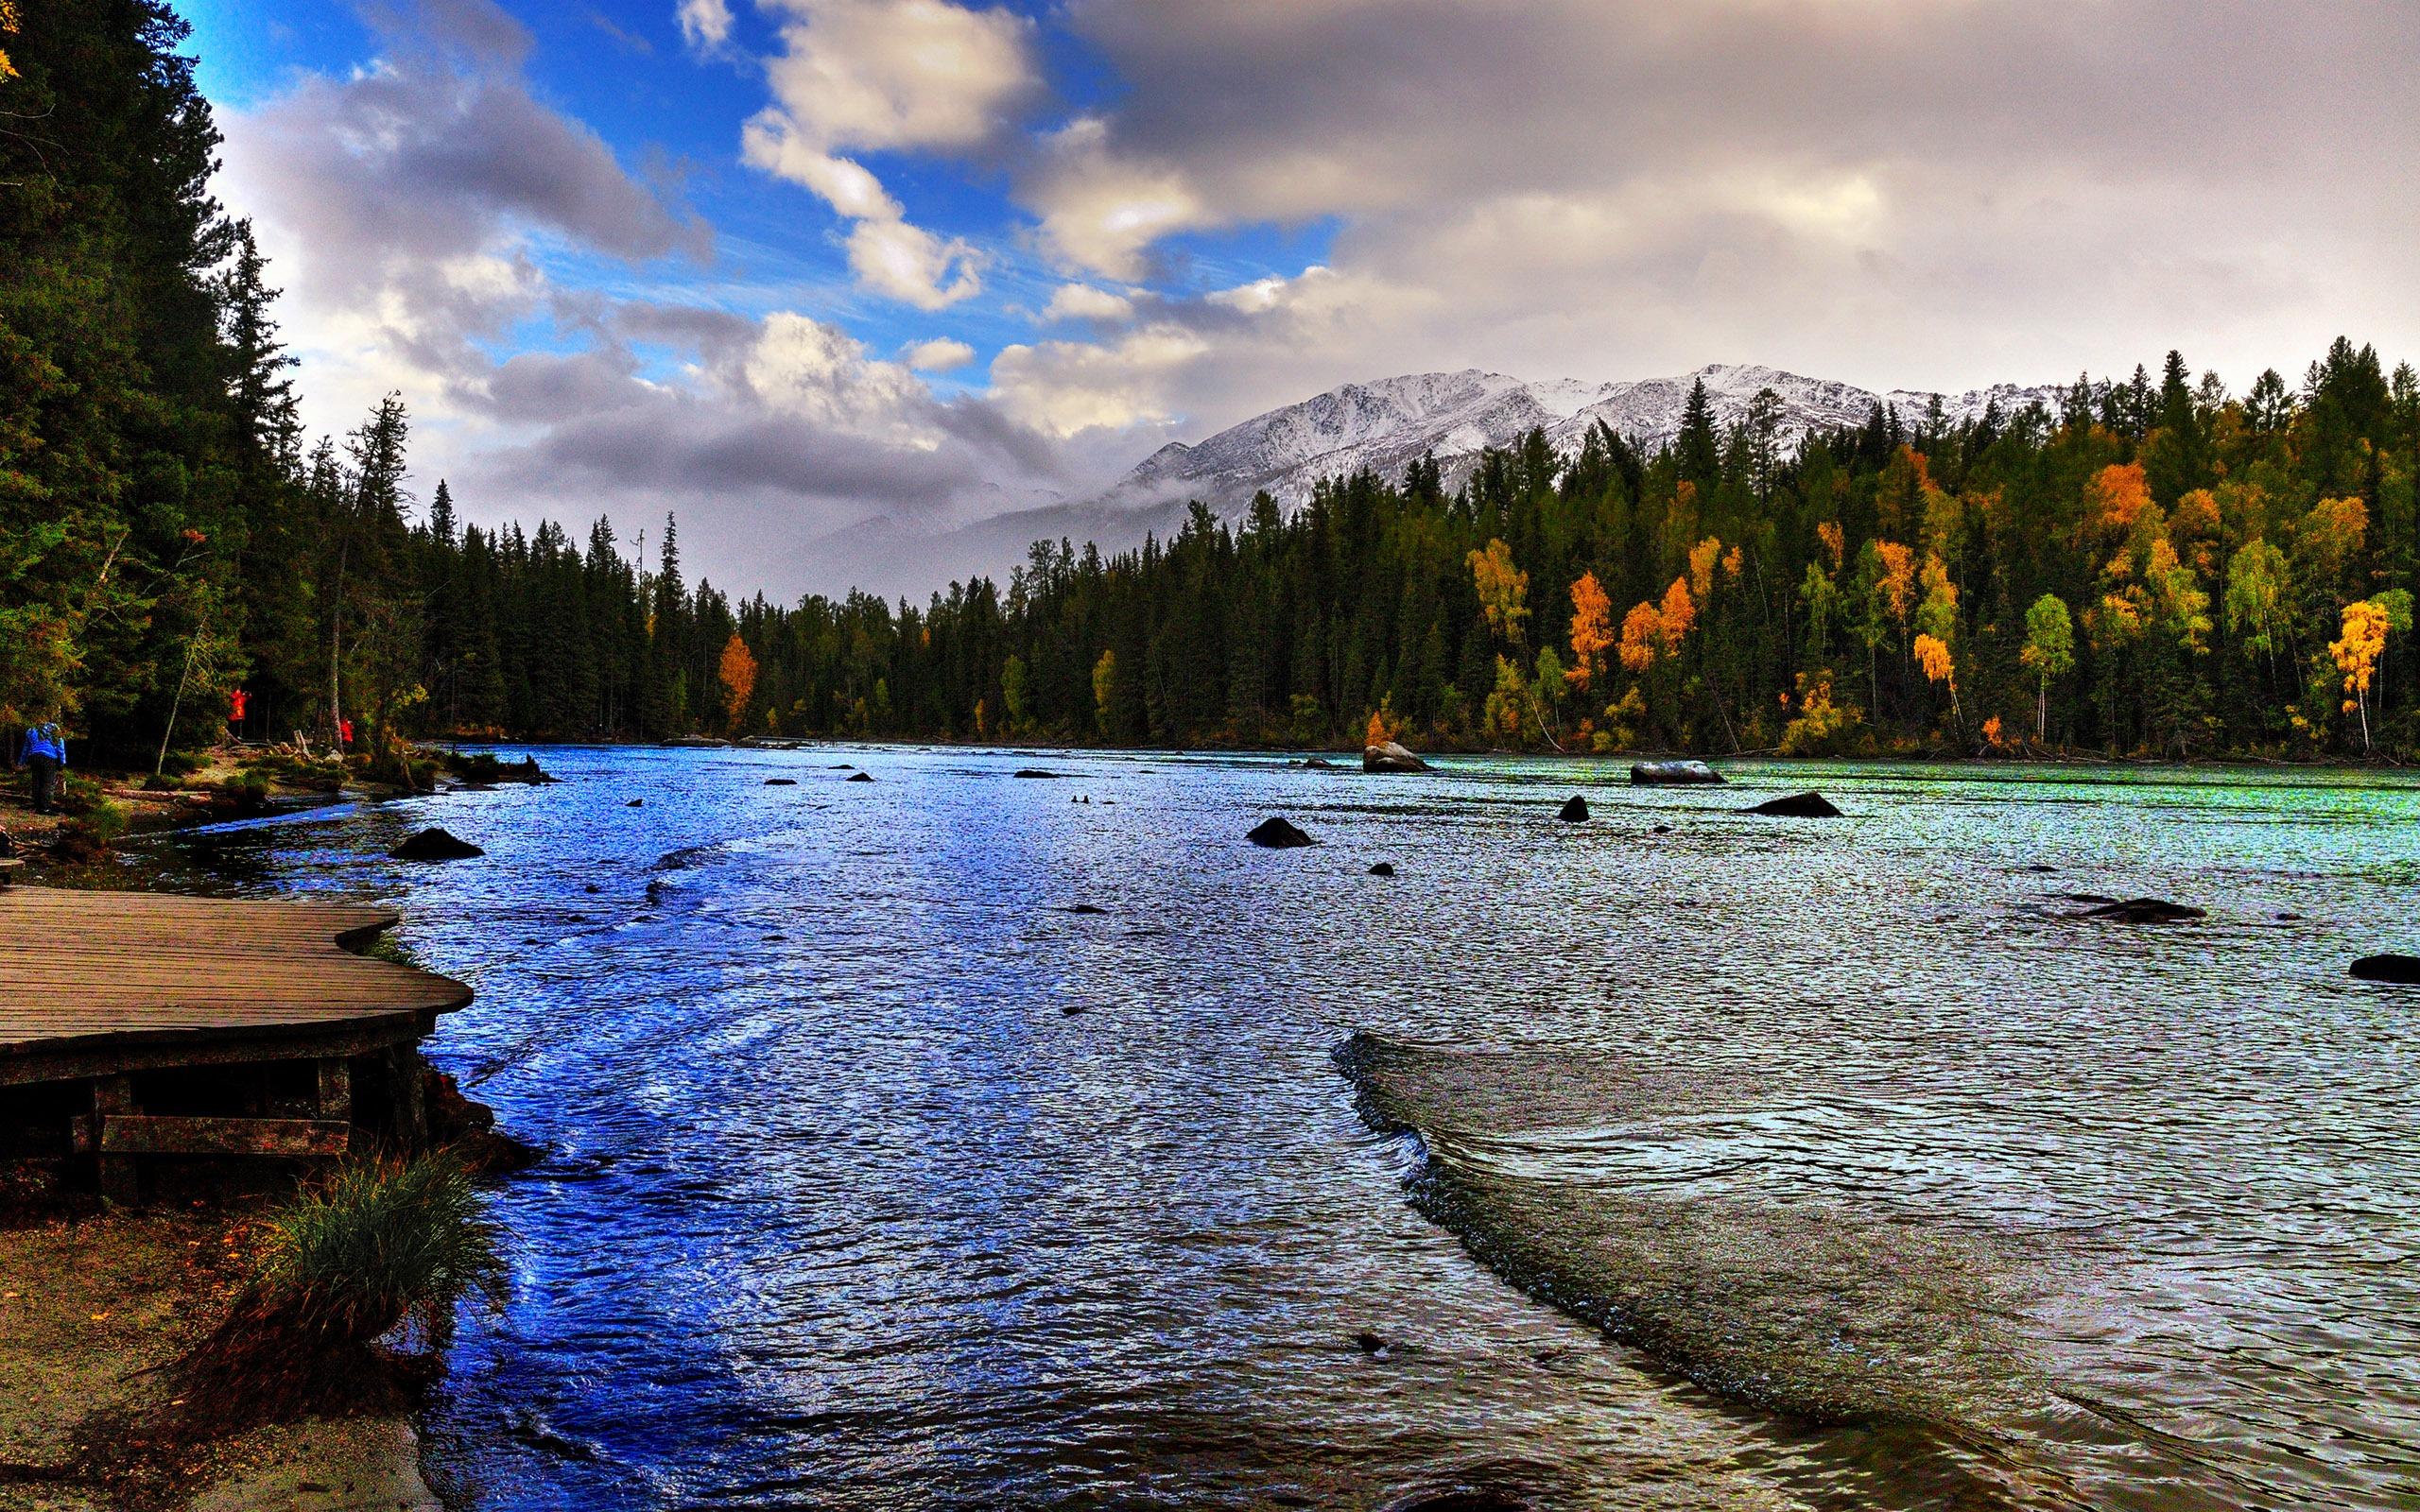 Kanas Lake Xinjiang China Travel Photo HD Wallpaper 15 Preview | 10wallpaper.com